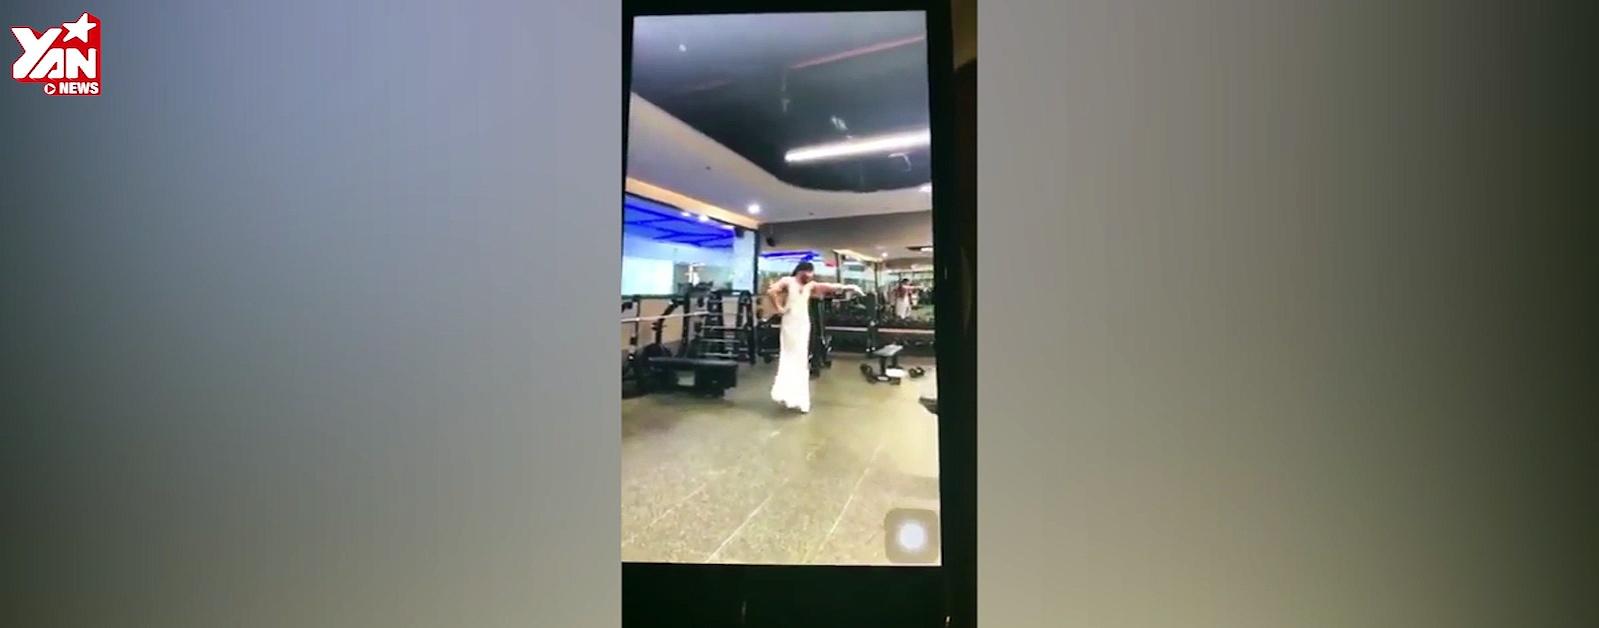 Thumvideo - Hoa hậu Hương Giang